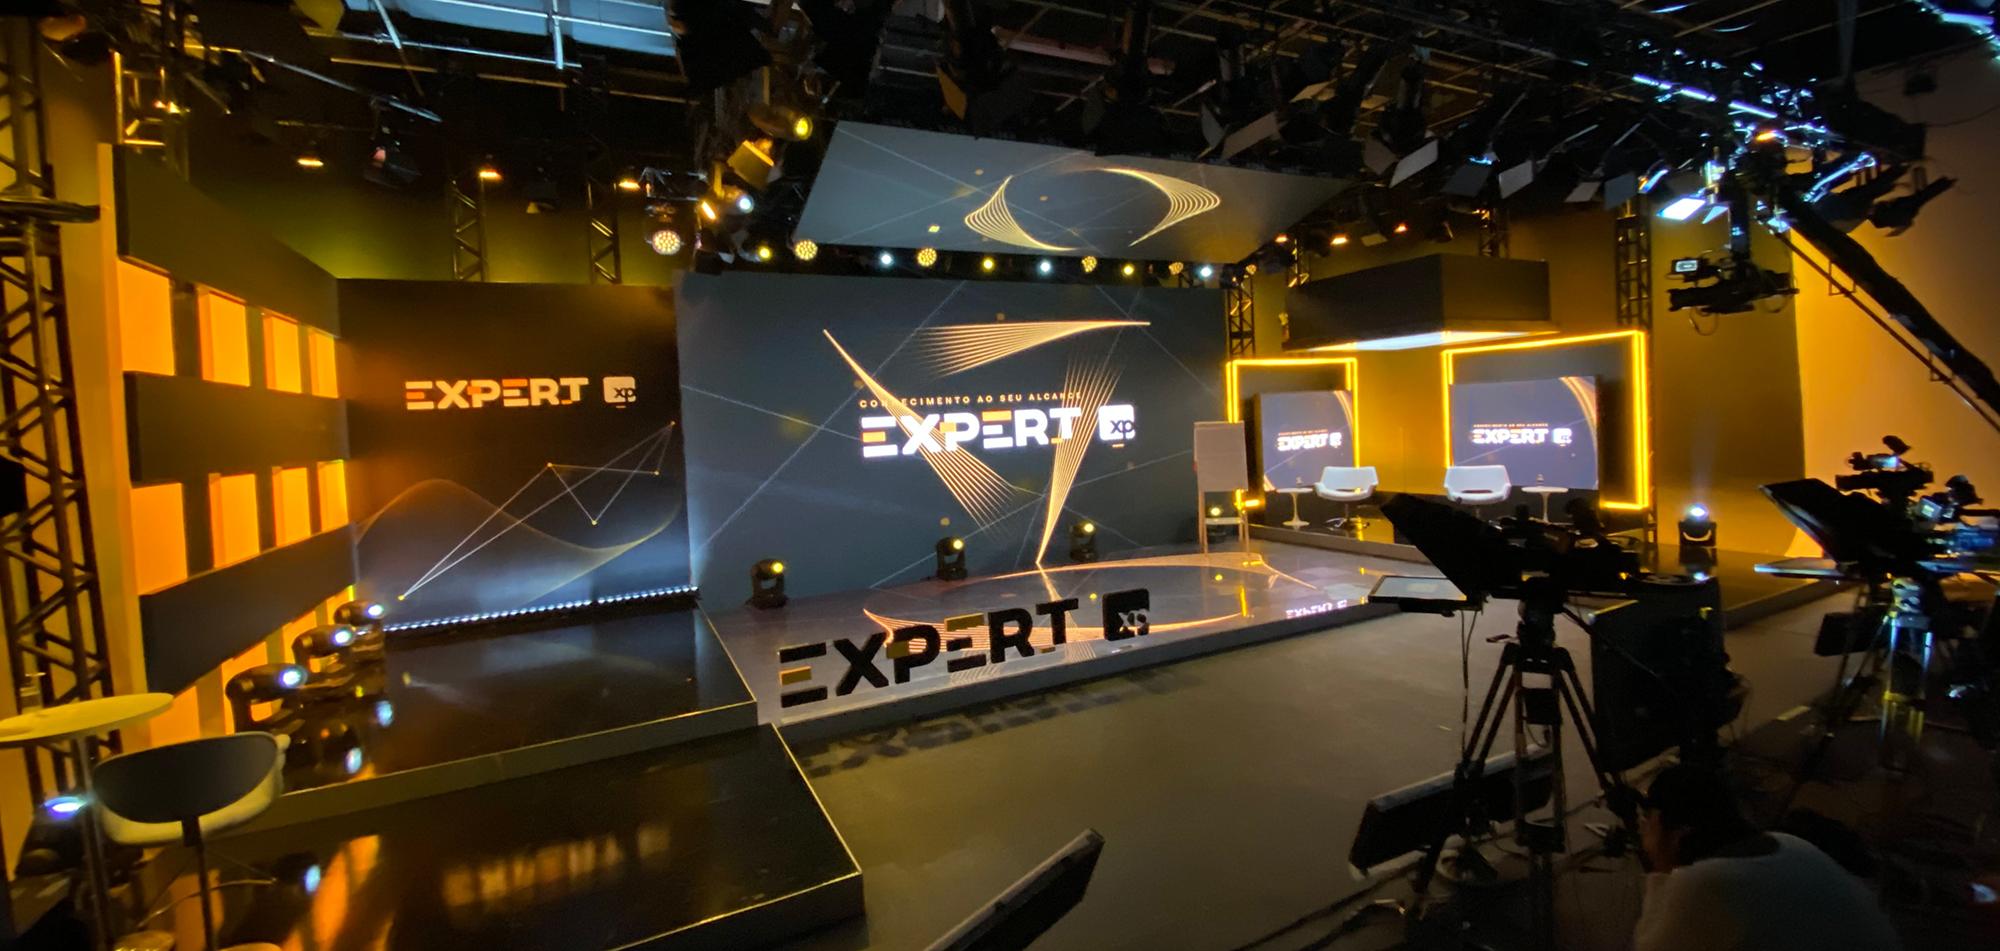 Live - Expert XP